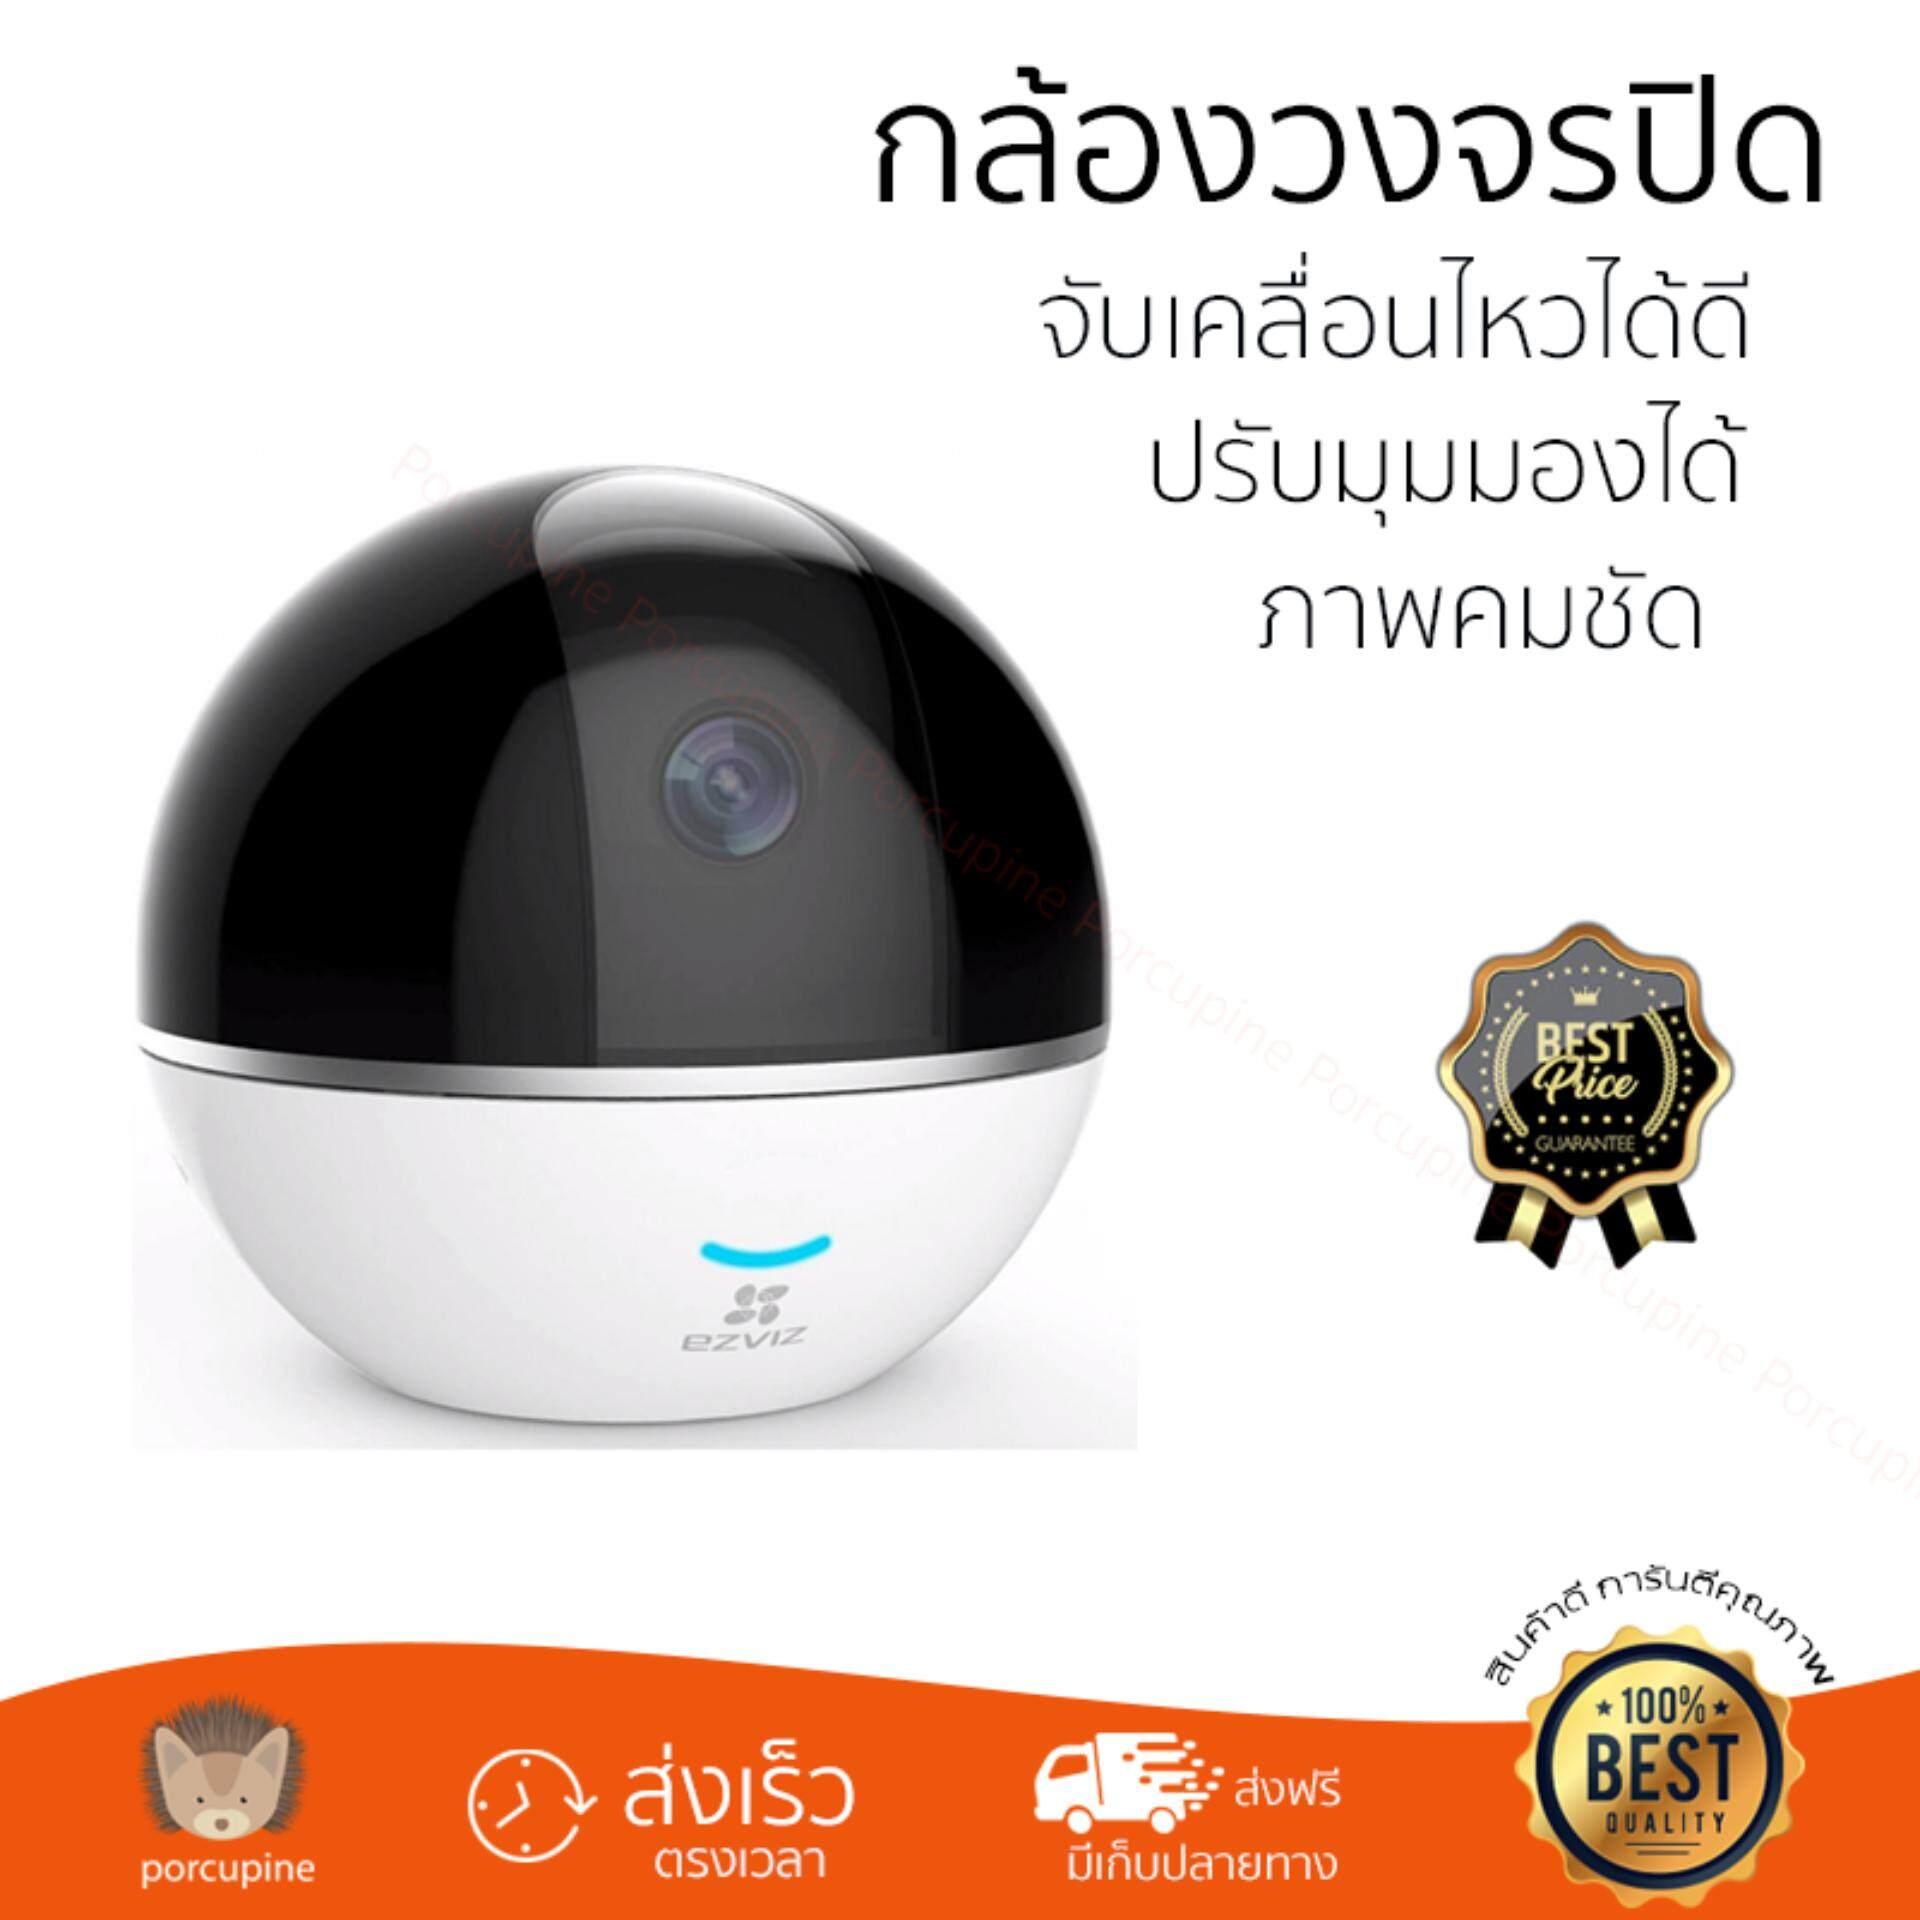 สุดยอดสินค้า!! โปรโมชัน กล้องวงจรปิด           EZVIZ กล้องวงจรปิด (สีขาว) รุ่น C6T MINI360 PLUS             ภาพคมชัด ปรับมุมมองได้ กล้อง IP Camera รับประกันสินค้า 1 ปี จัดส่งฟรี Kerry ทั่วประเทศ